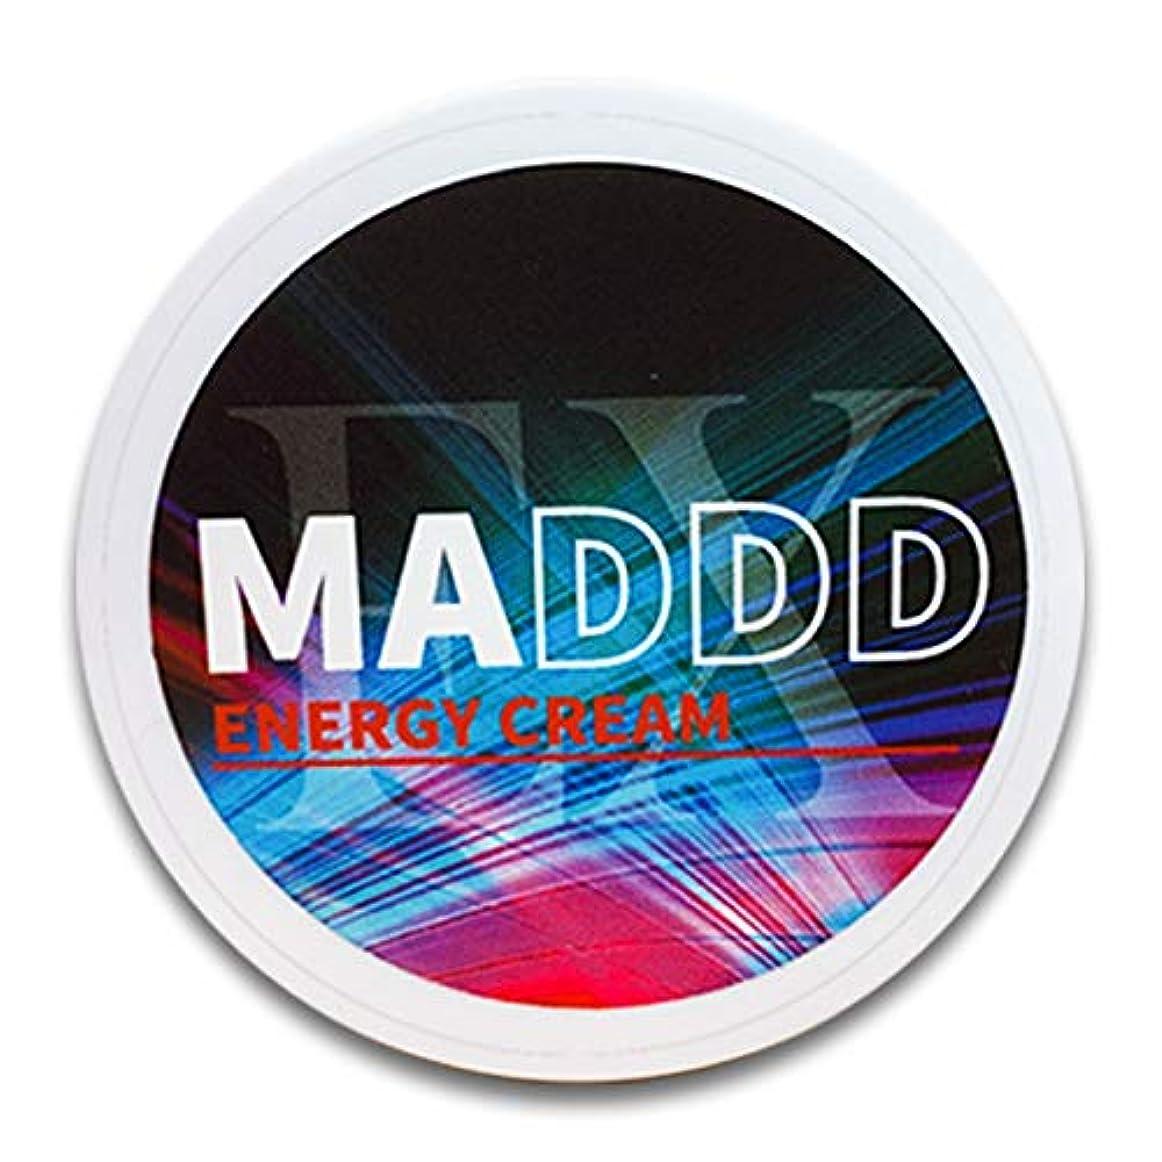 手順スリル通貨MADDD EX 増大クリーム 自信 持続力 厳選成分 50g (単品購入)